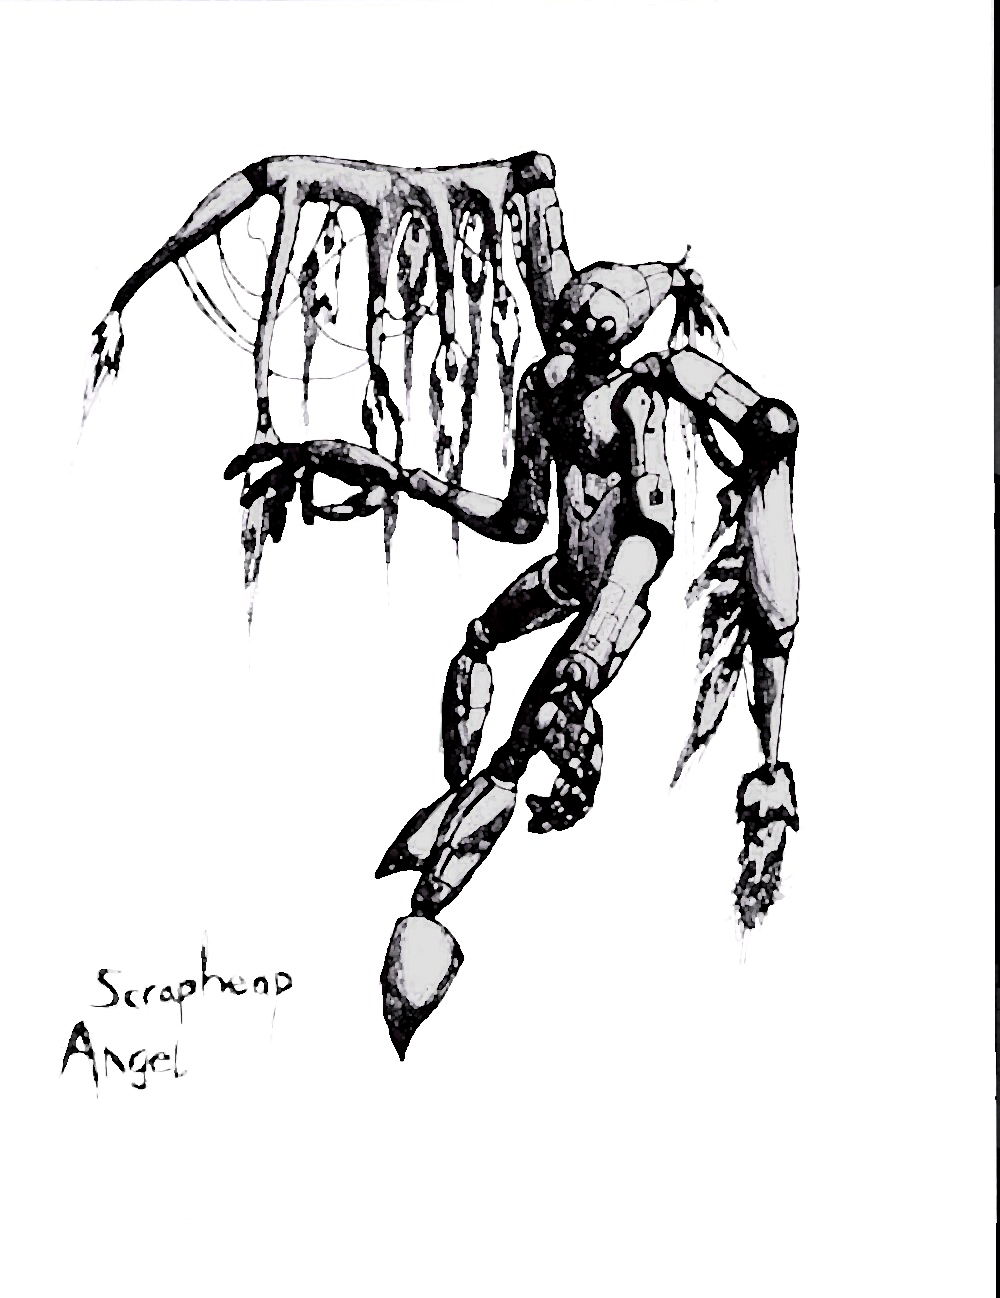 Scrapheap angel